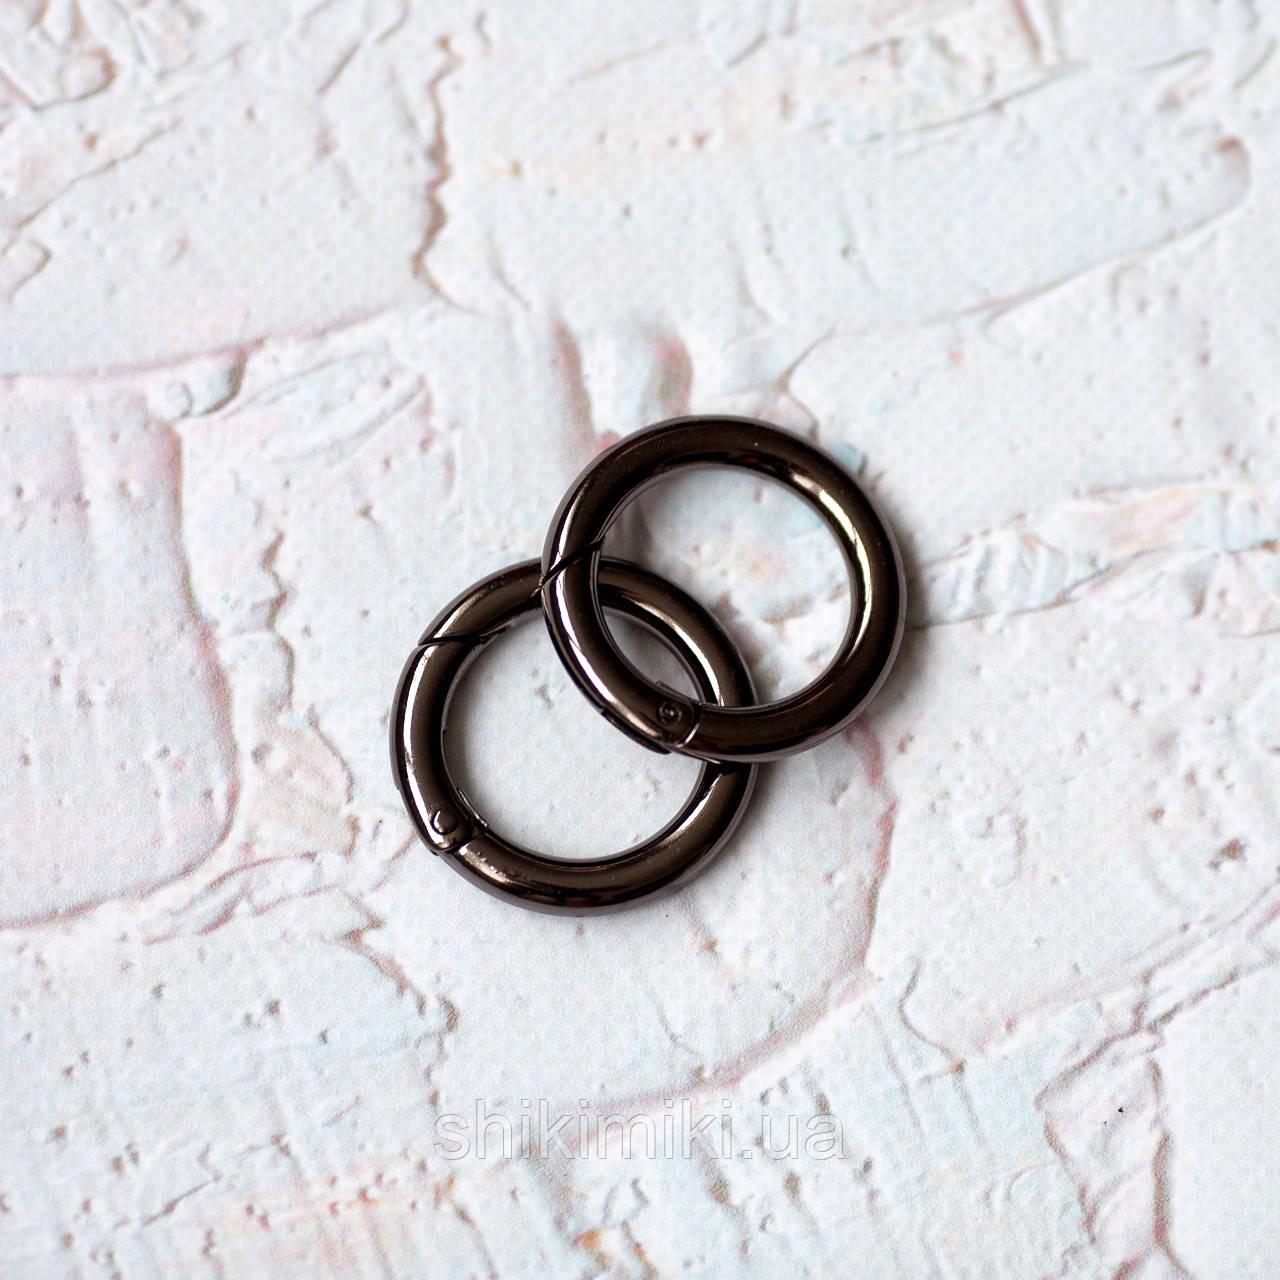 Кольцо-карабин КК01-2 (25 мм), цвет темный никель